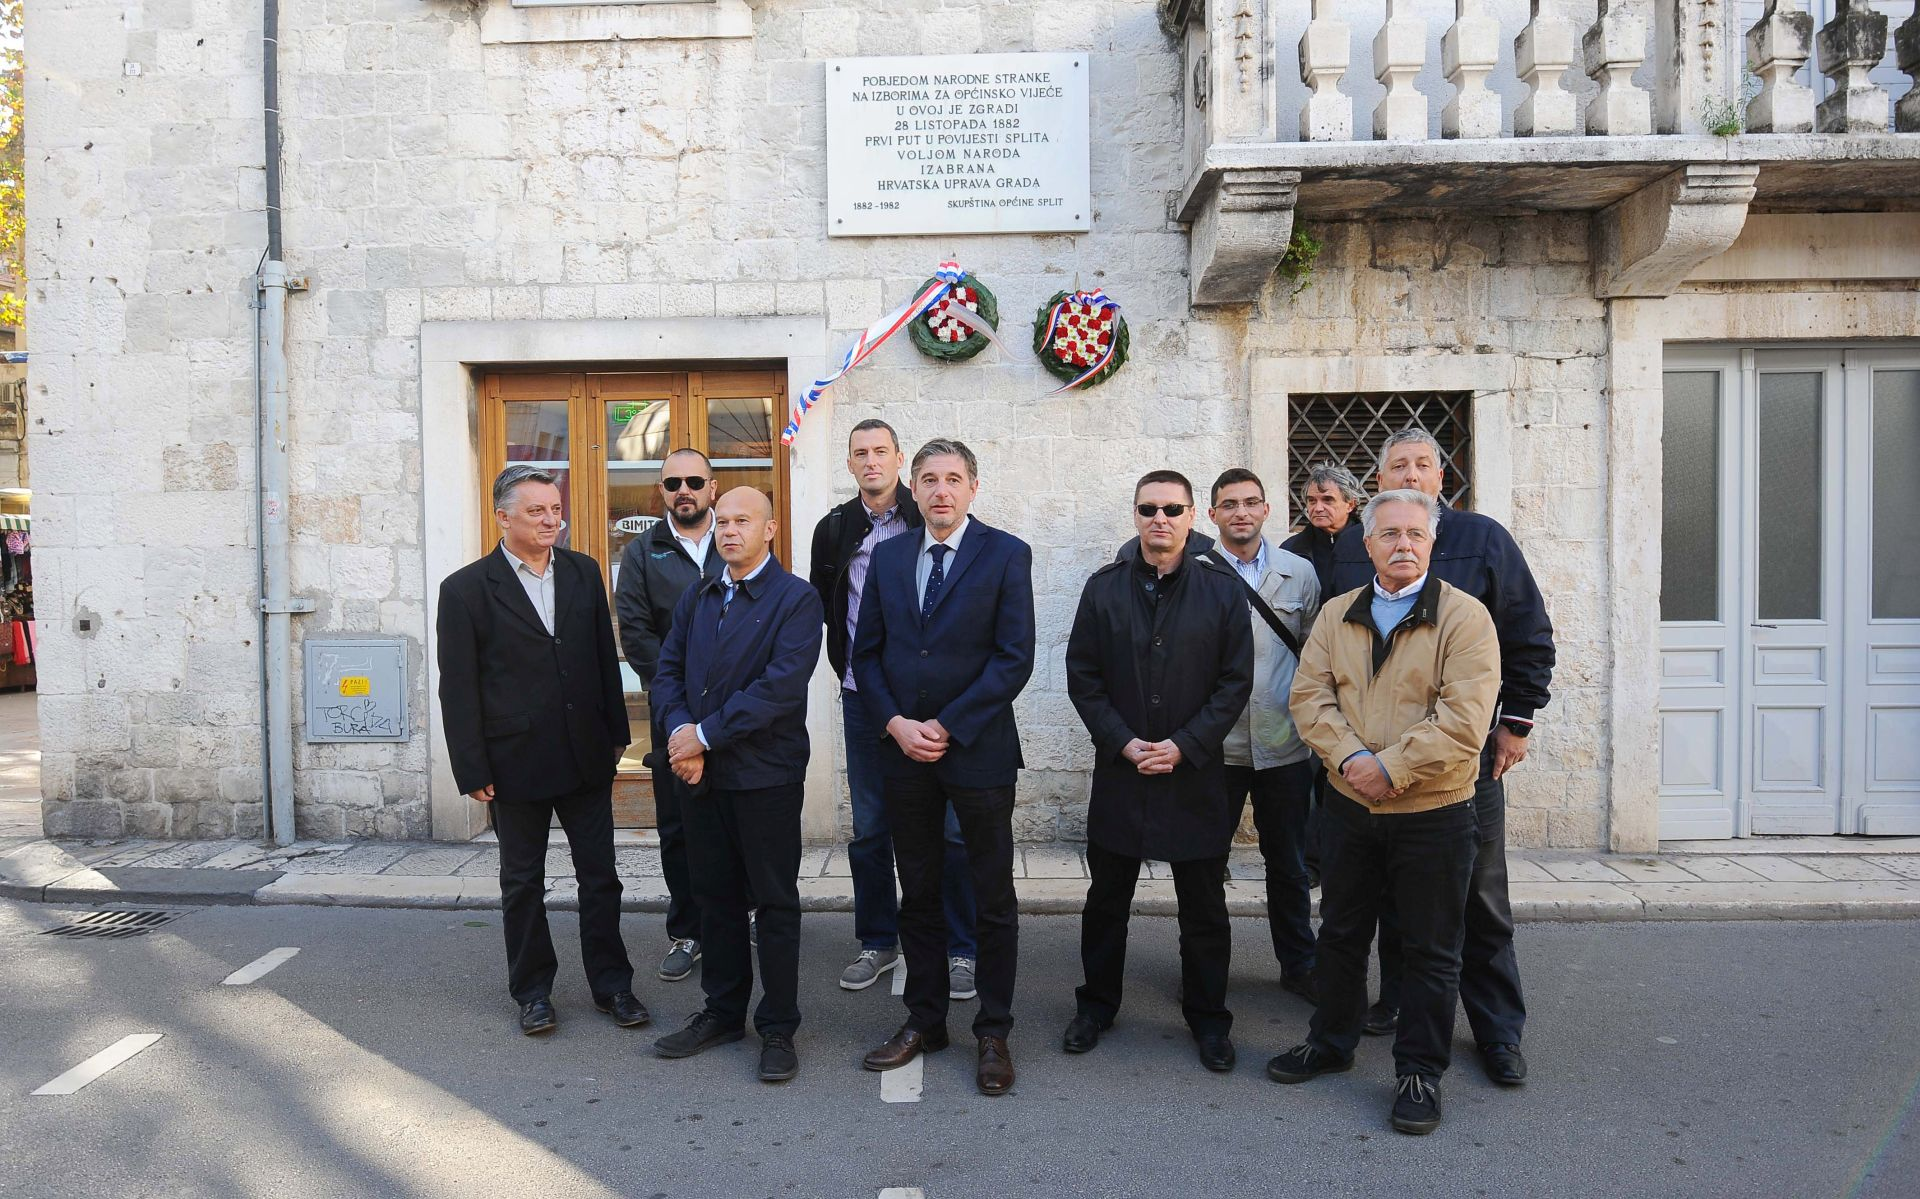 Obilježena 134. godišnjica pobjede Narodne stranke u Splitu